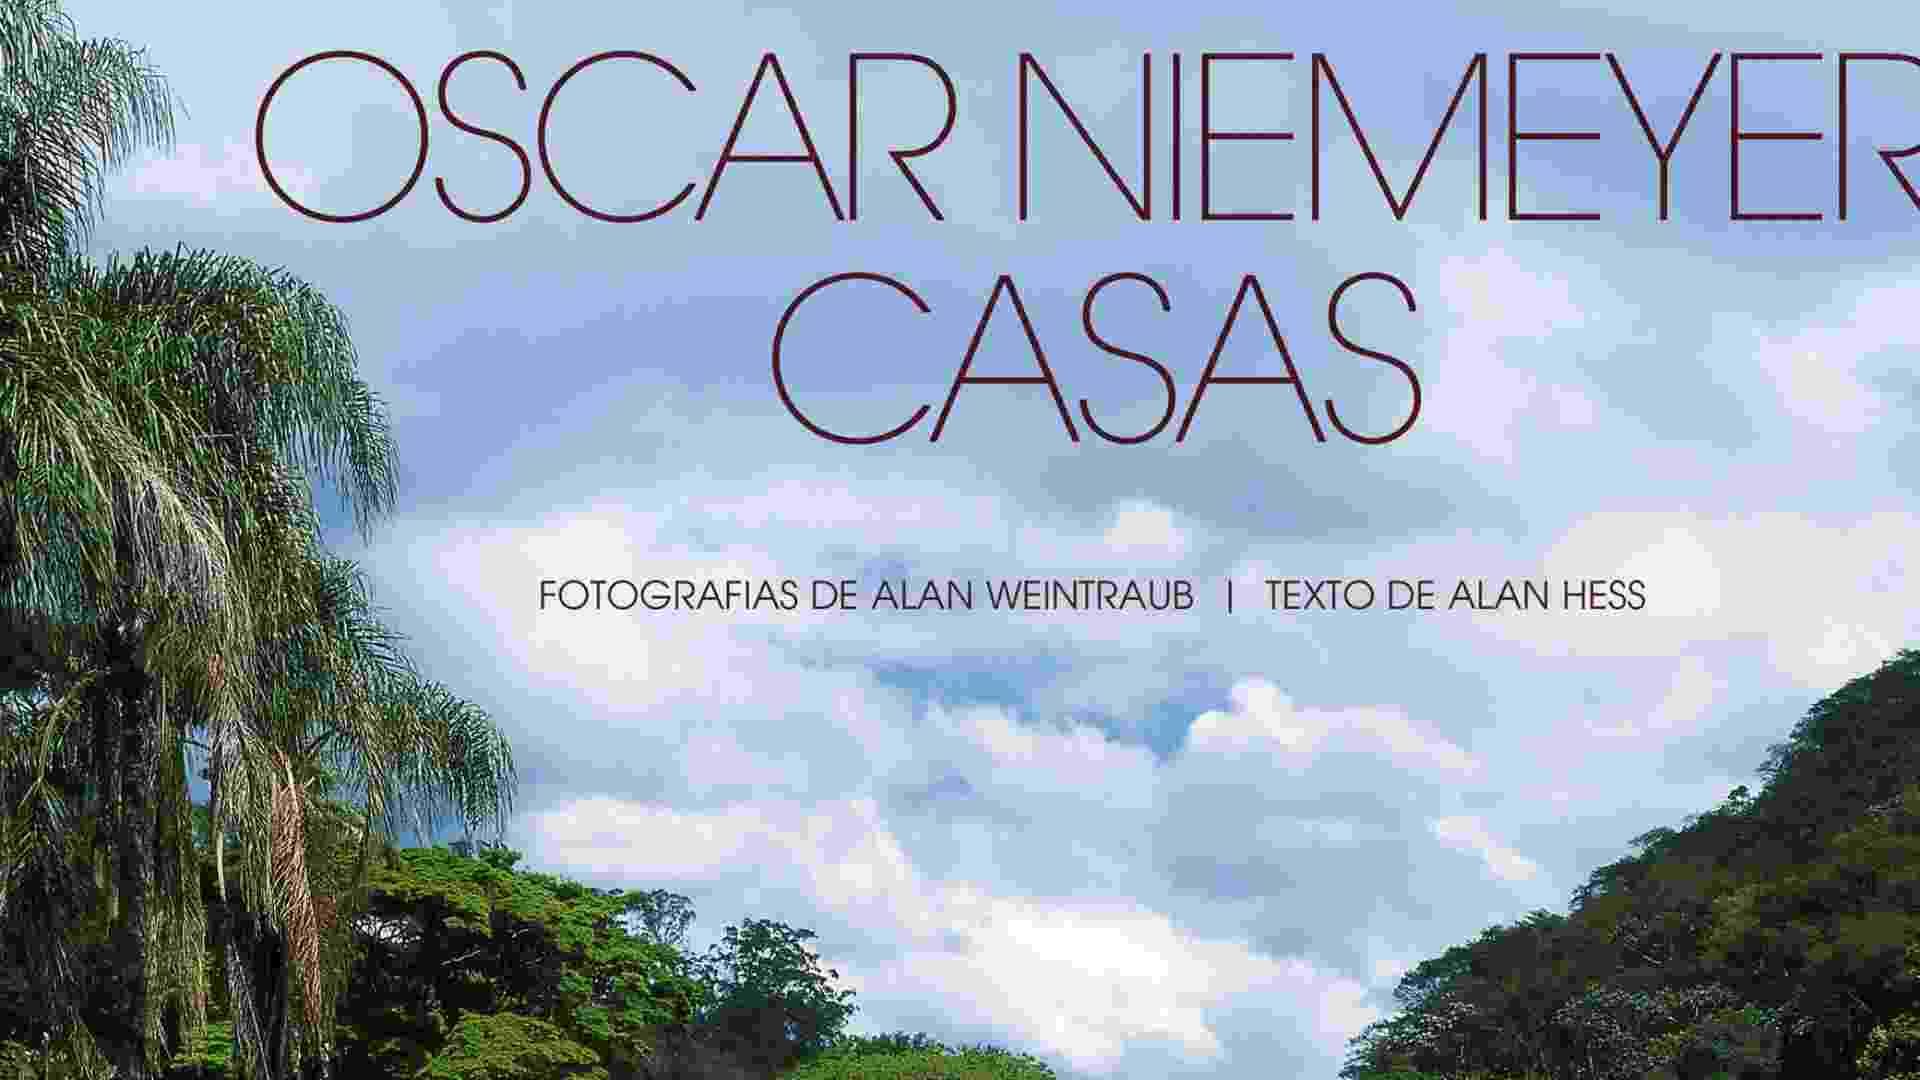 """Capa do livro """"Oscar Niemeyer - Casas"""" traz fotografia da residência Edmundo Cavanelas, em Pedro do Rio (RJ). A obra data de 1954 (Imagens cedidas para conteúdo específico, usar apenas no respectivo material) - Alan Weintraub/ Divulgação"""